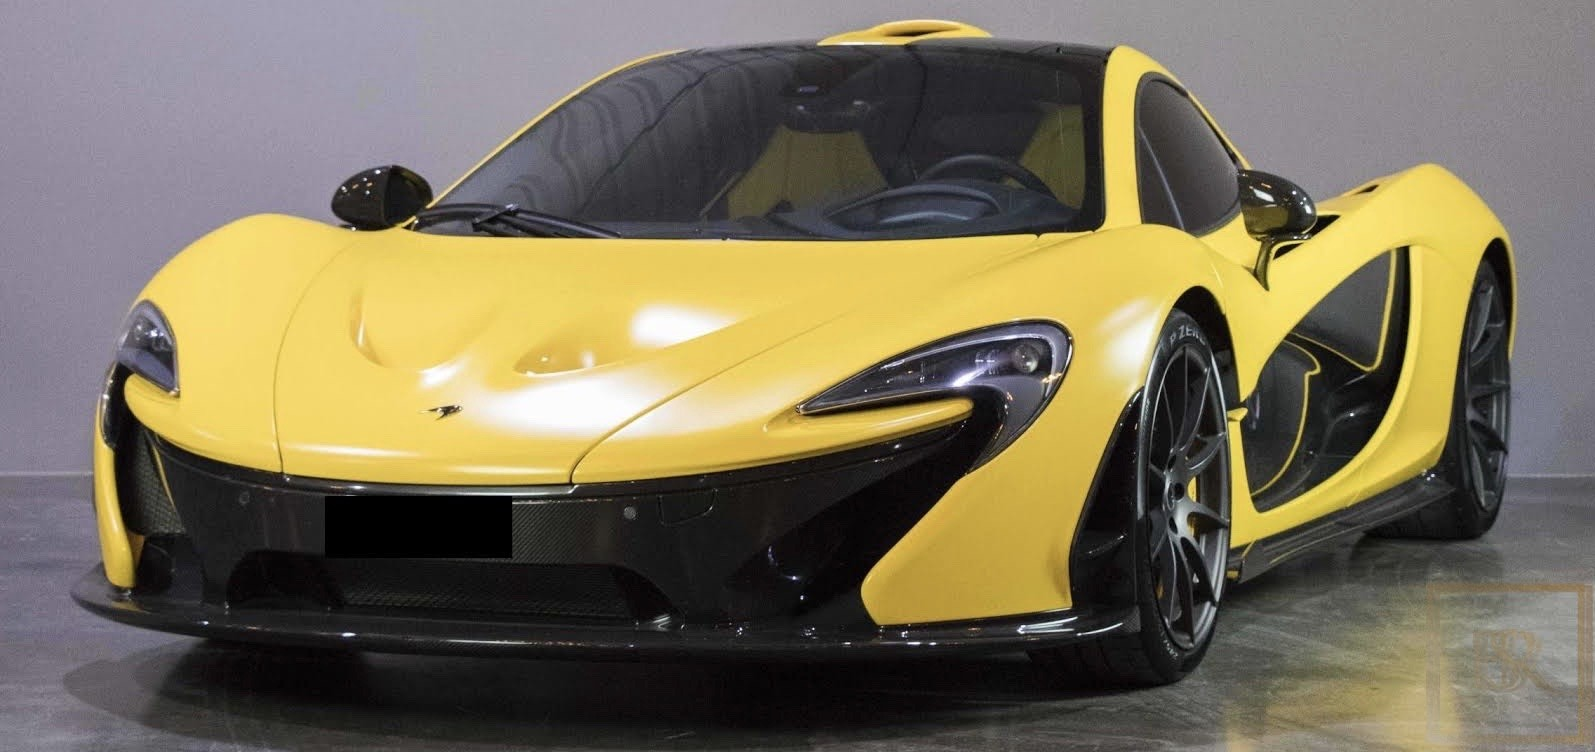 2014 McLaren P1 for sale For Super Rich